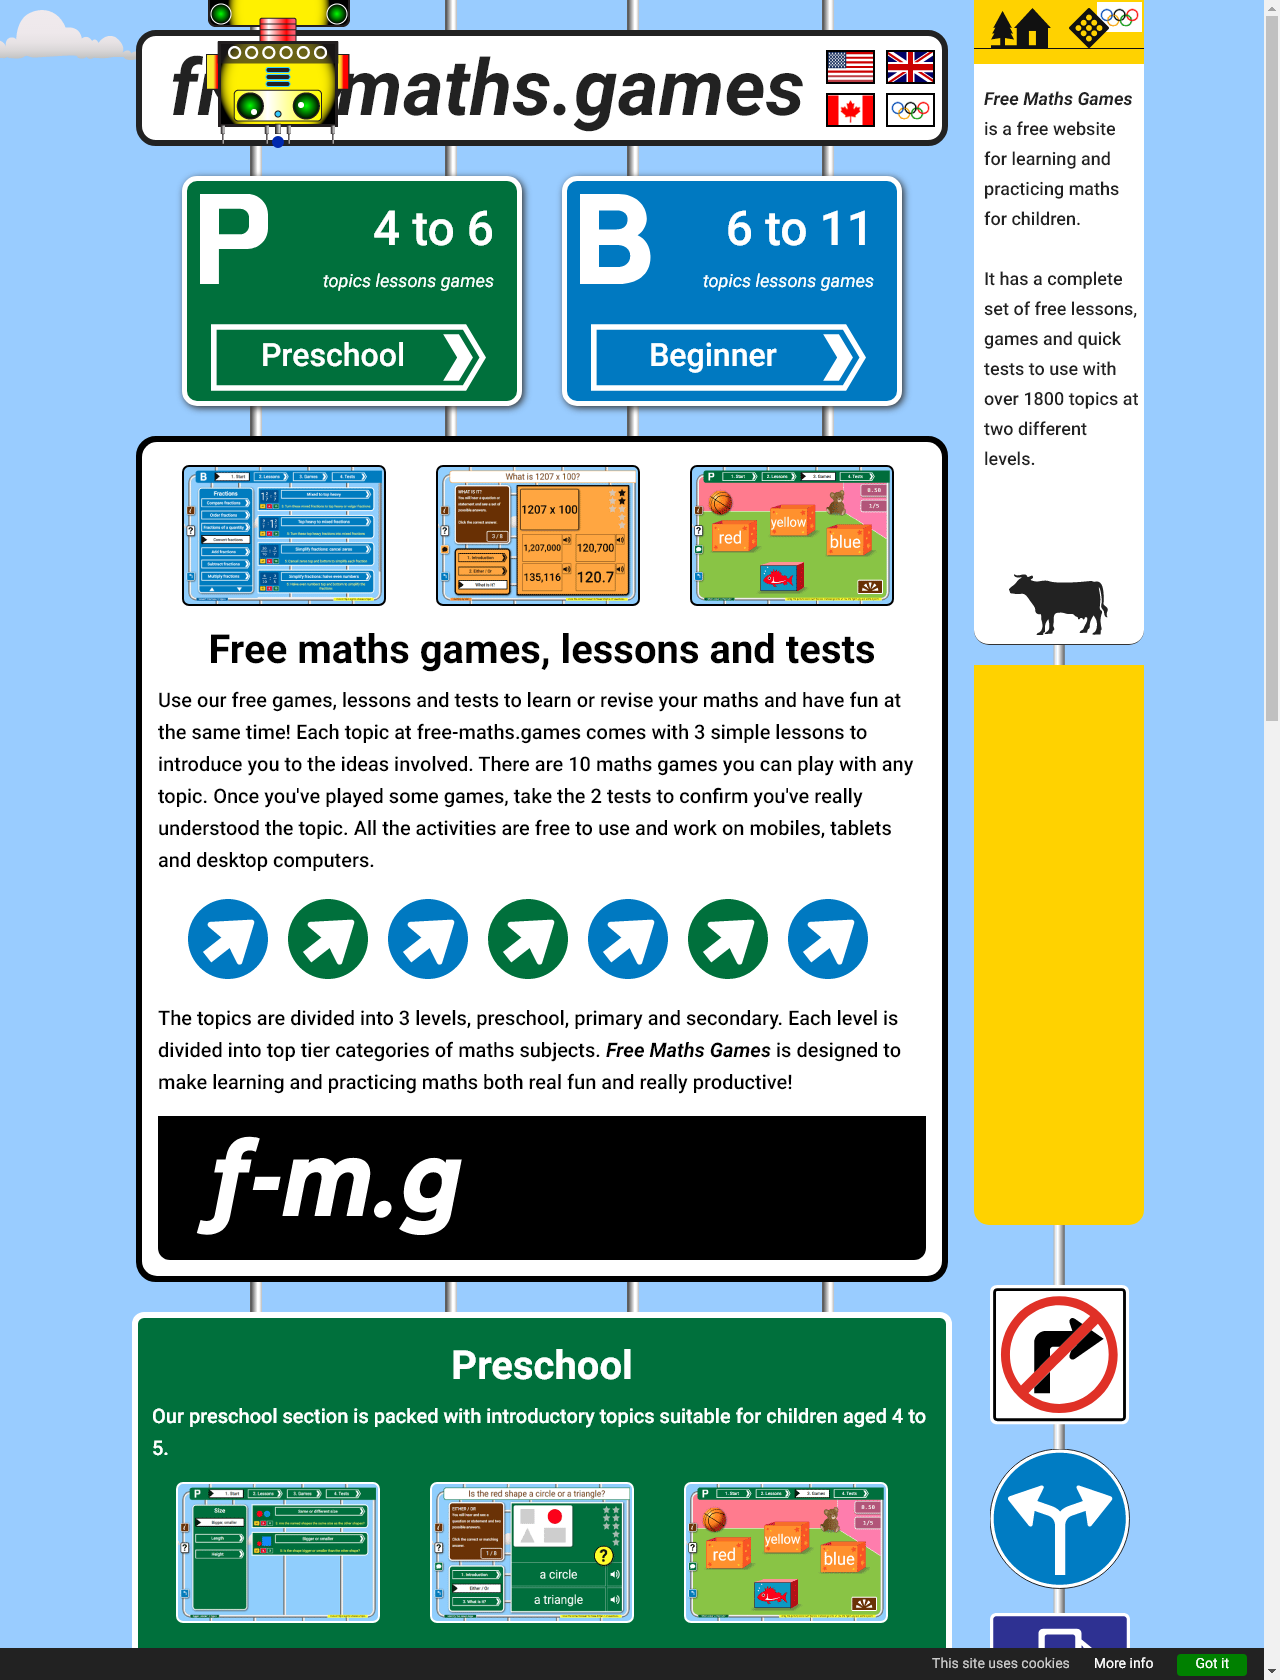 Screenshot Desktop - https://free-maths.games/